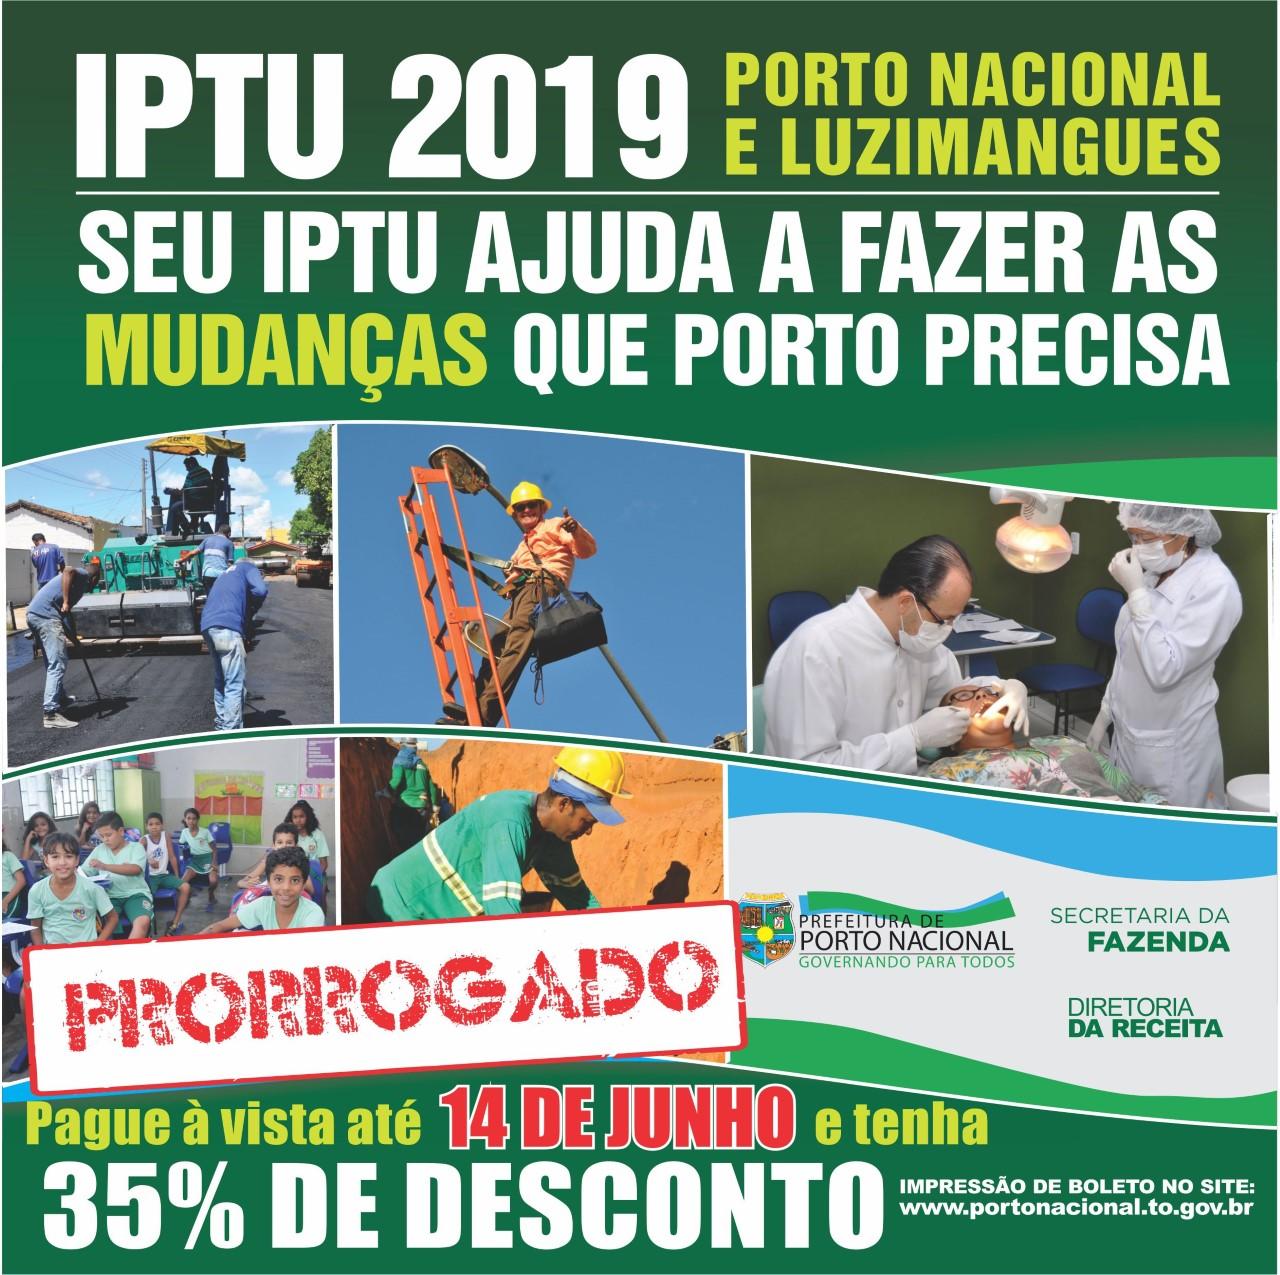 Prefeitura de Porto Nacional prorroga prazo para pagamento do IPTU para o dia 14 de junho